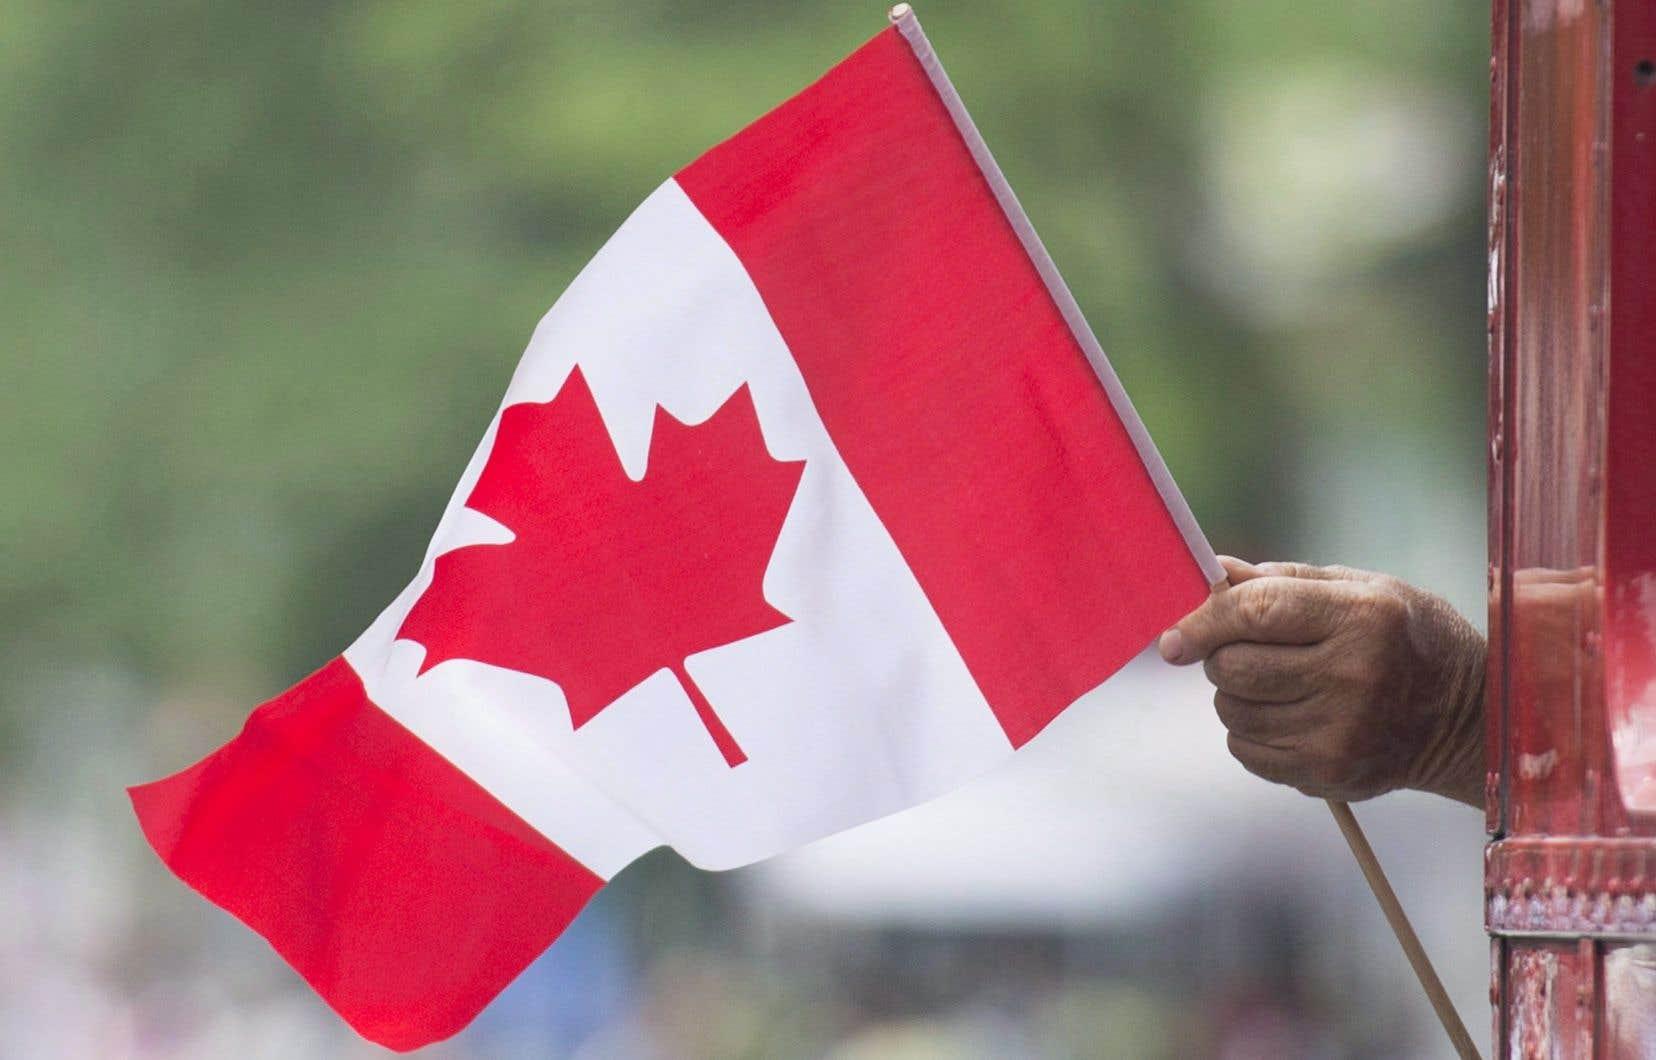 «On va se battre. On ne peut pas rester sans rien faire», a dit le père de famille. «Le Canada, c'est notre pays, maintenant.»